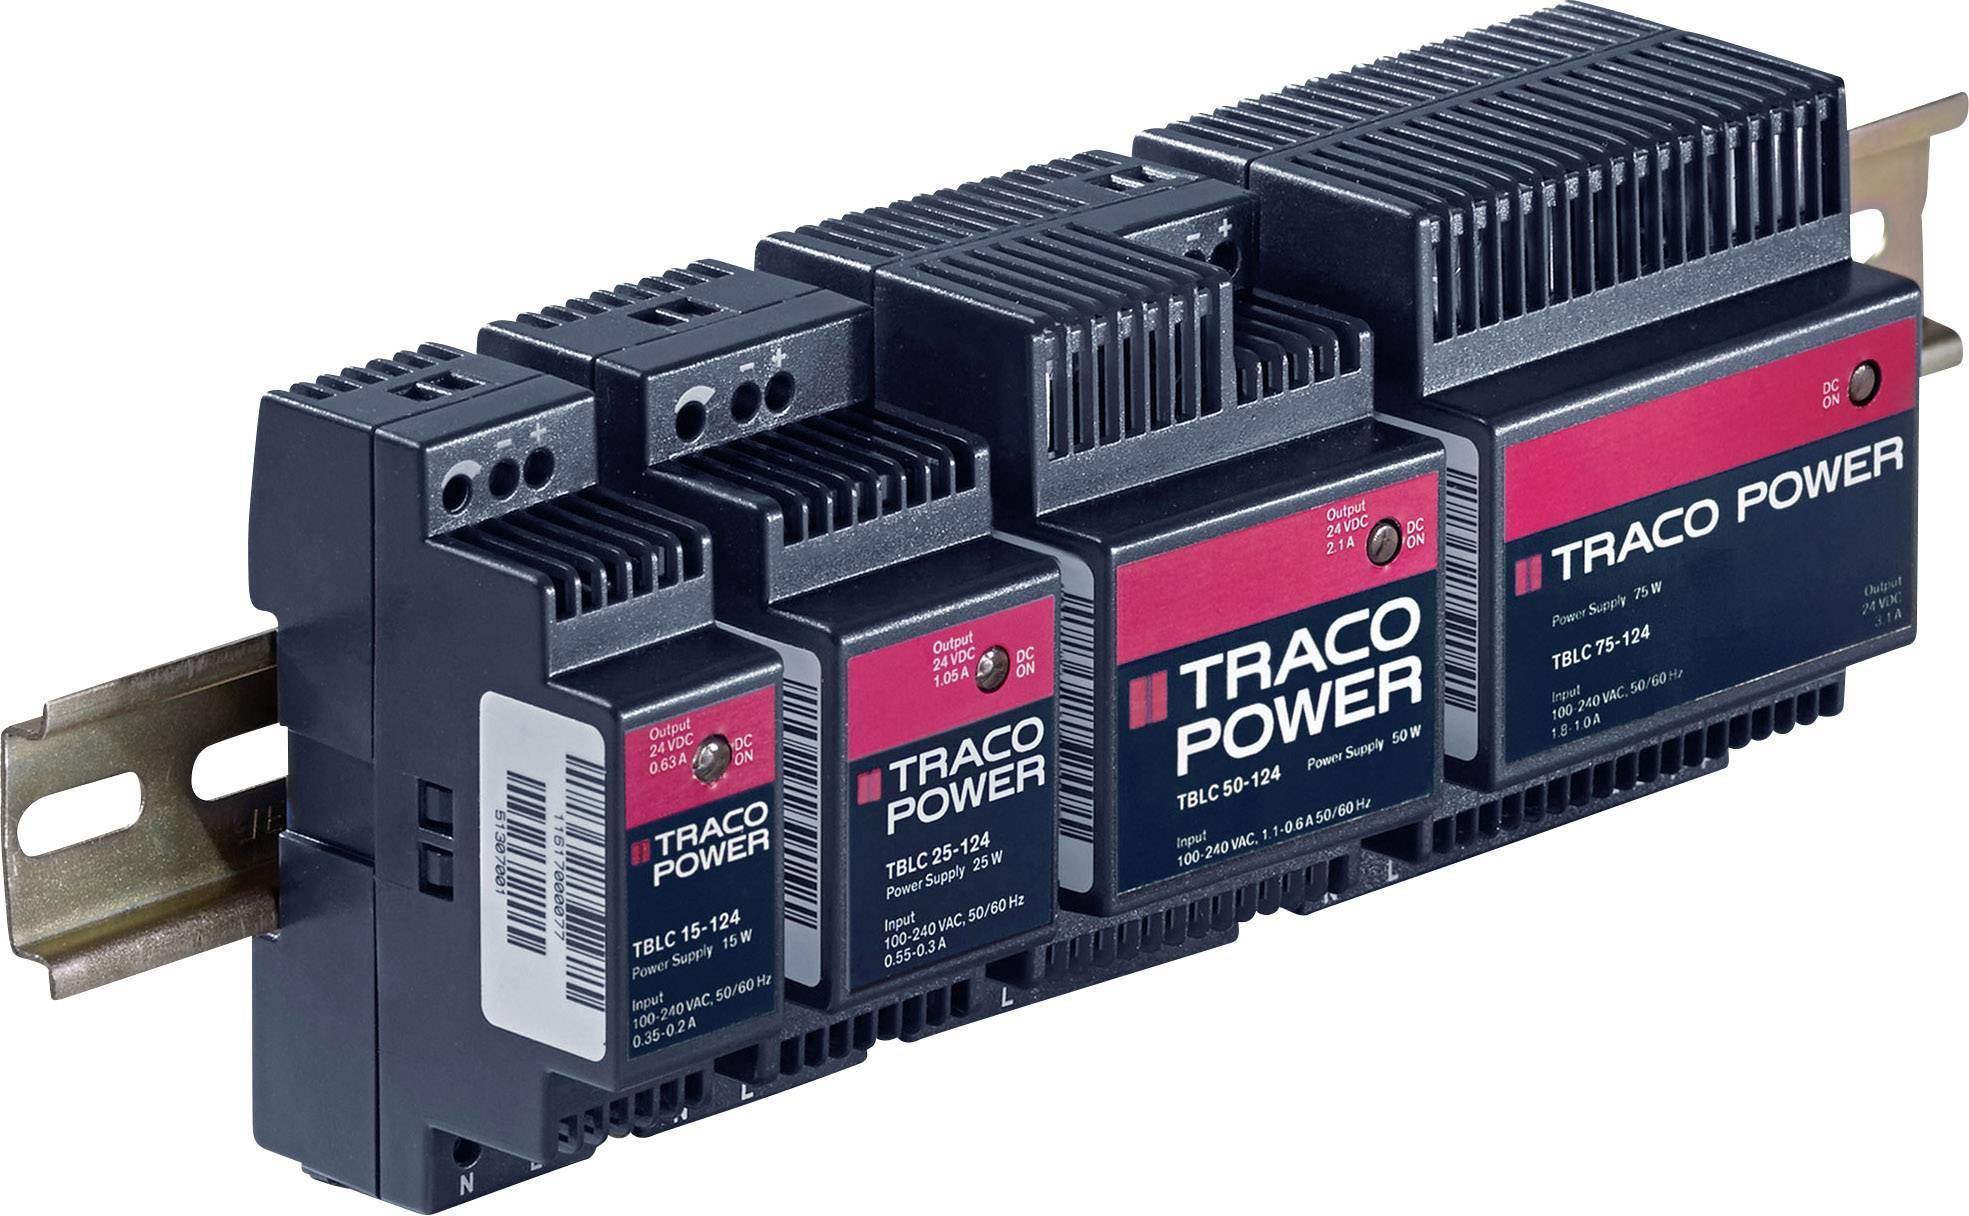 Síťový zdroj na DIN lištu TracoPower TBLC 75-124, +28 V/DC, 3100 mA, 75 W